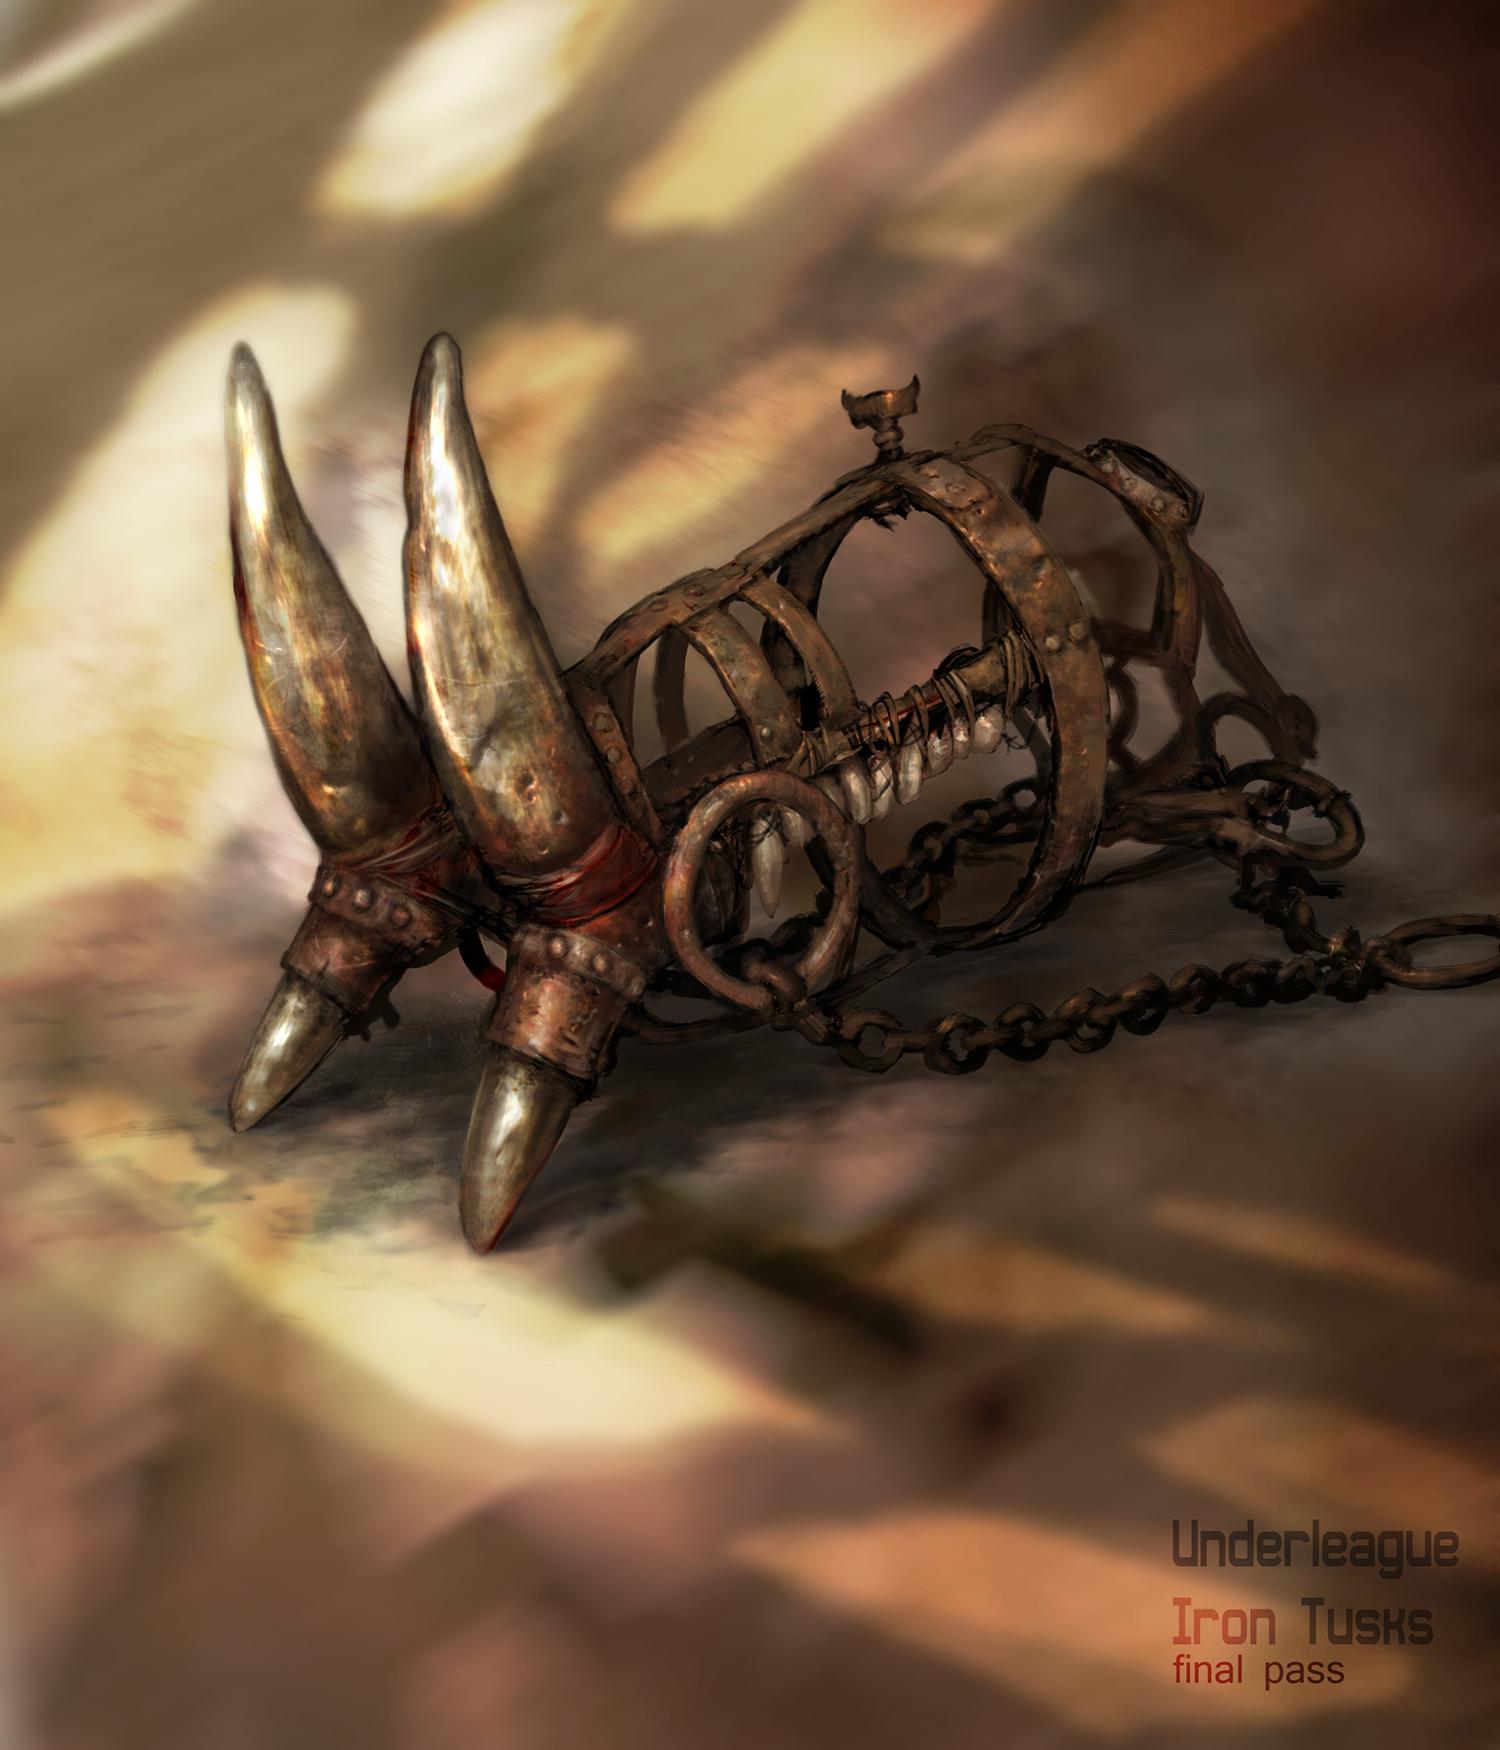 UL-Iron-Tusks-d11.jpg